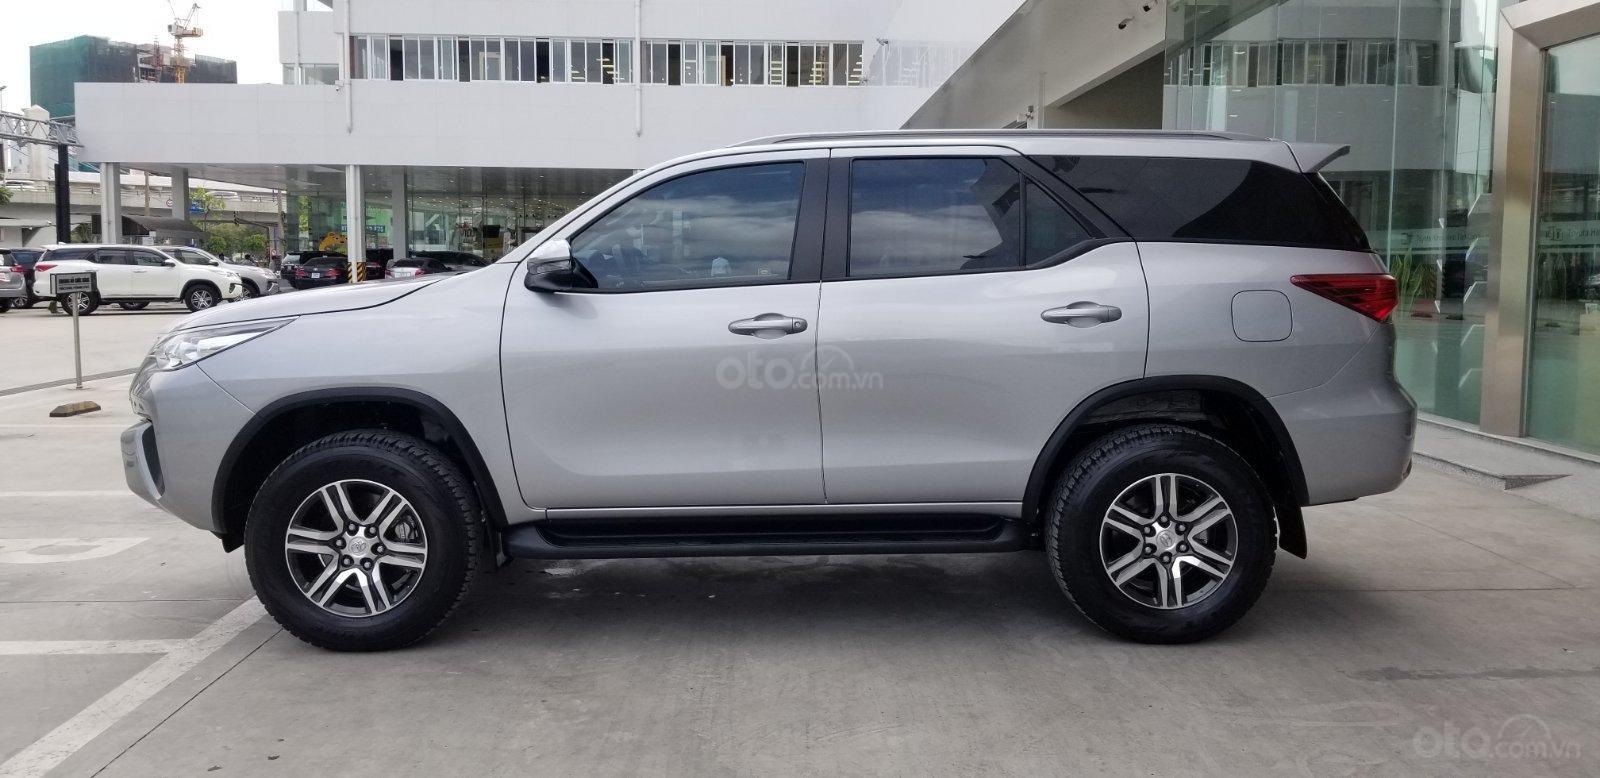 Cần mua bán Toyota Fortuner 2.4G dầu T7/2019, bạc lướt 7.500km, giá rẻ (4)